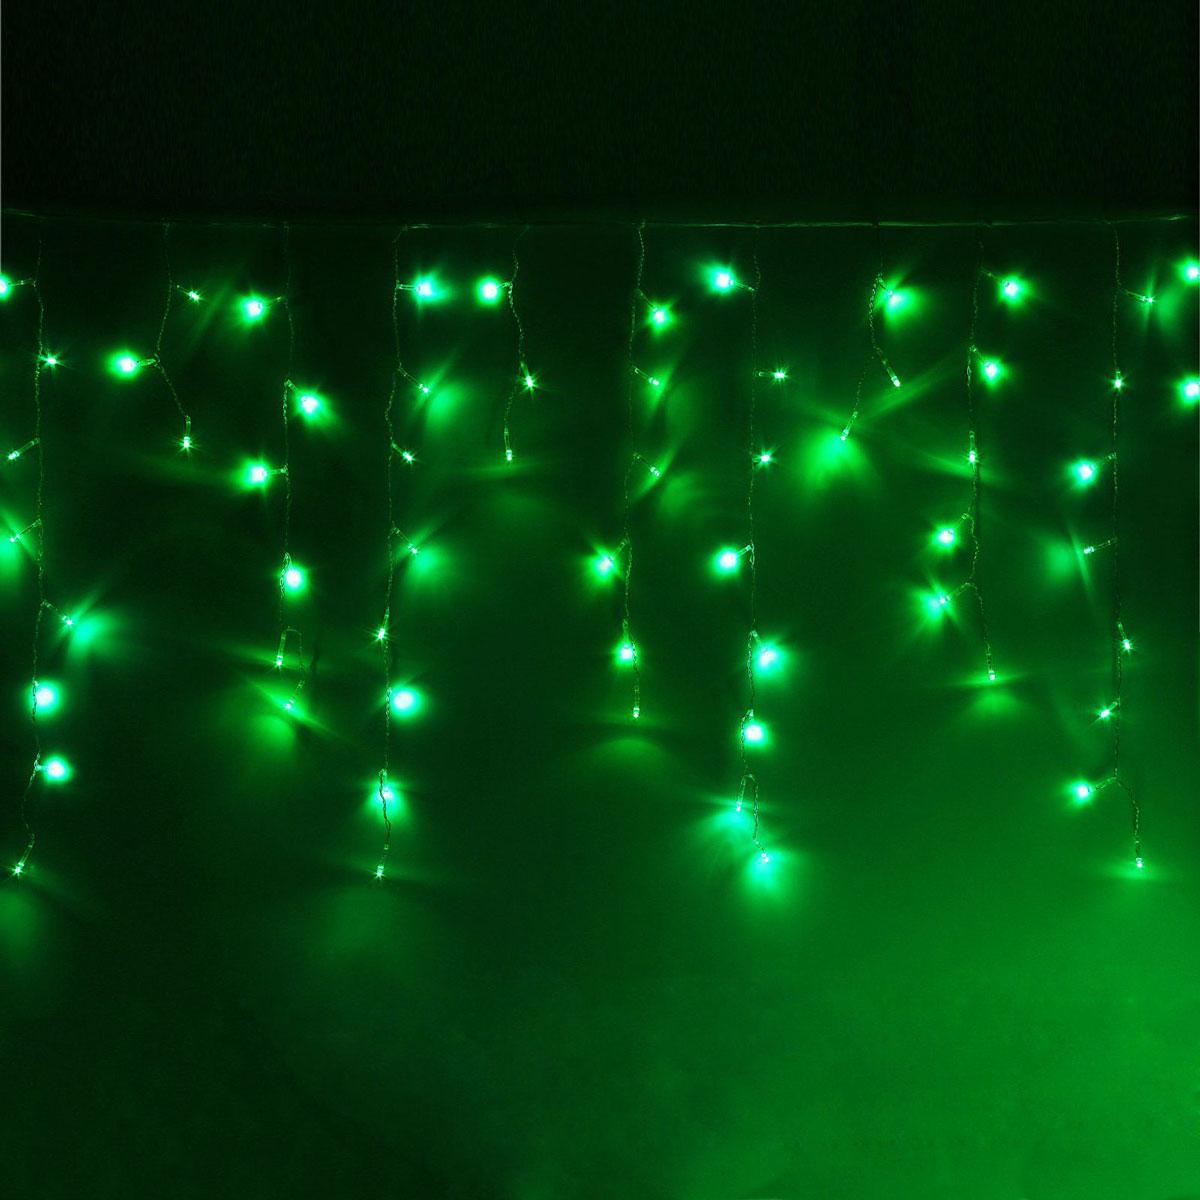 Гирлянда светодиодная Luazon Бахрома, 8 режимов, 299 ламп, 220 V, цвет: зеленый, 5,2 х 0,6 м. 10804231080423Светодиодные гирлянды, ленты и т.д — это отличный вариант для новогоднего оформления интерьера или фасада. С их помощью помещение любого размера можно превратить в праздничный зал, а внешние элементы зданий, украшенные ими, мгновенно станут напоминать очертания сказочного дворца. Такие украшения создают ауру предвкушения чуда. Деревья, фасады, витрины, окна и арки будто специально созданы, чтобы вы украсили их светящимися нитями.